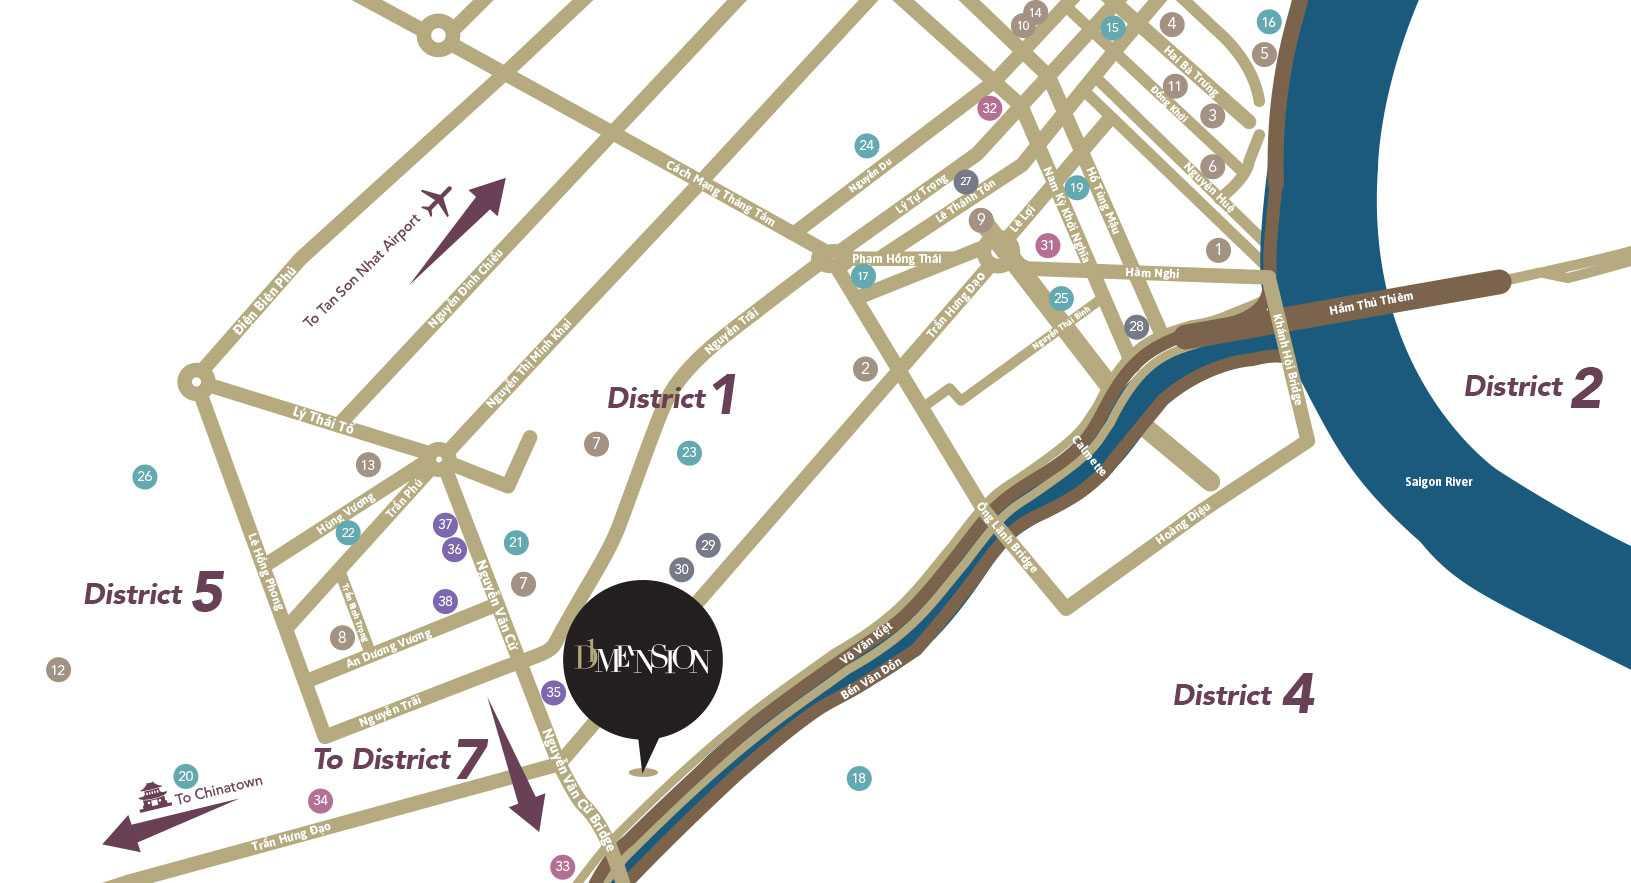 D1mension-location